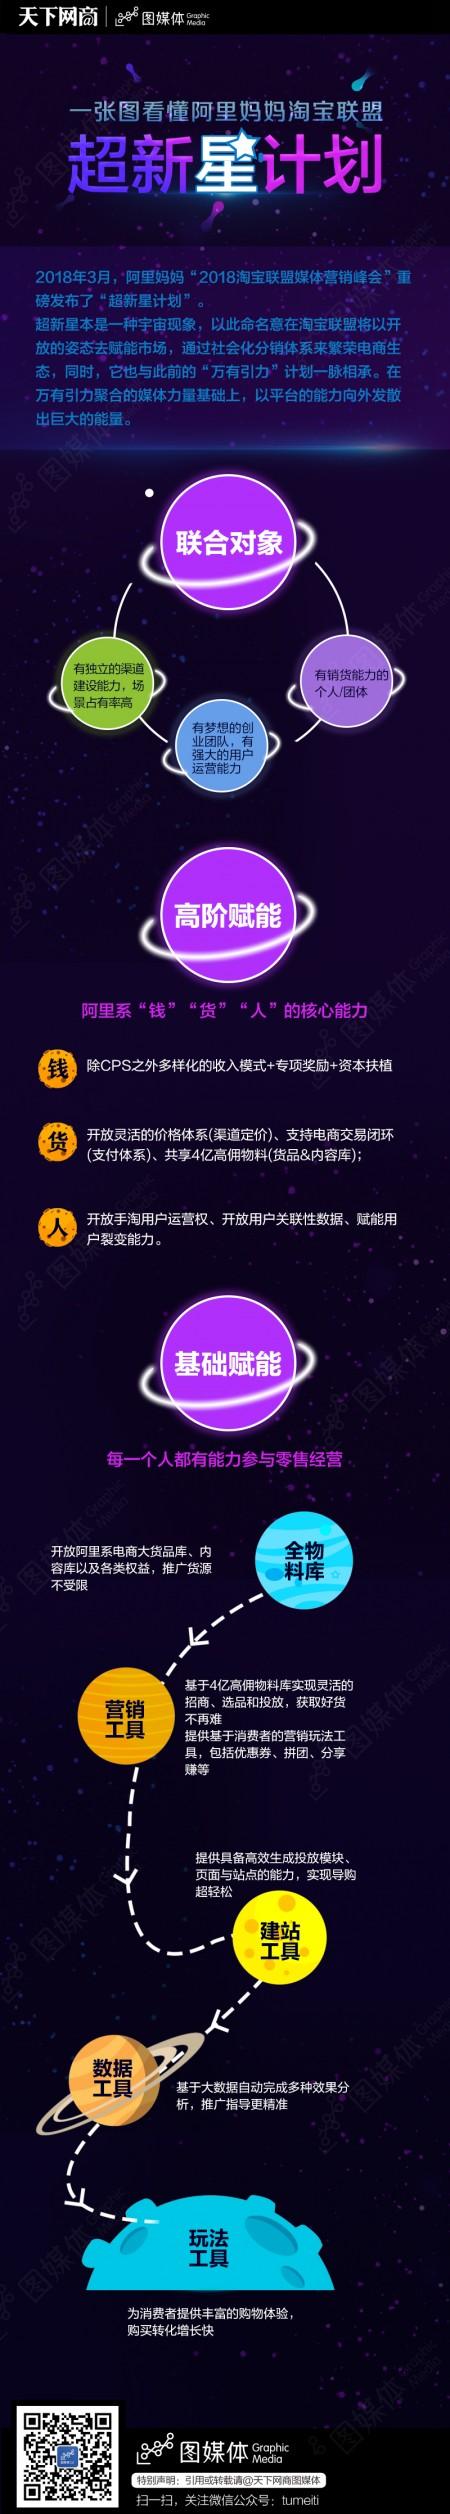 taobao-lianmeng-20180328-1